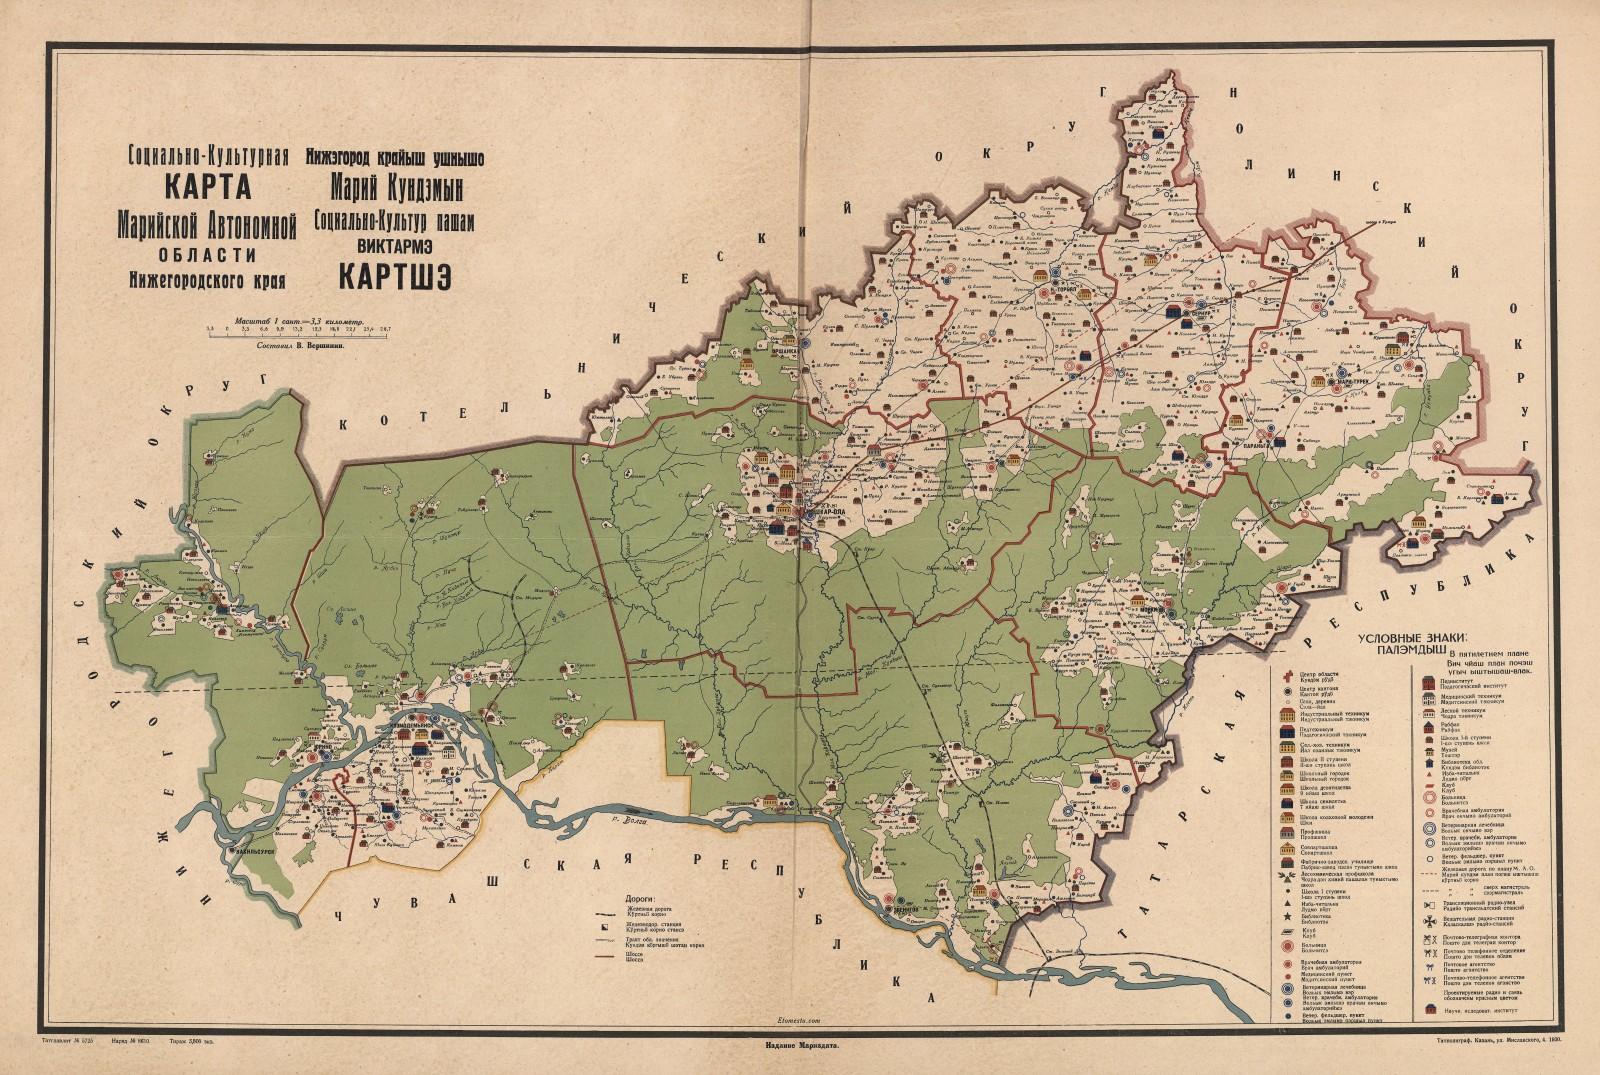 Социально-культурная карта марийской автономной области 1930.